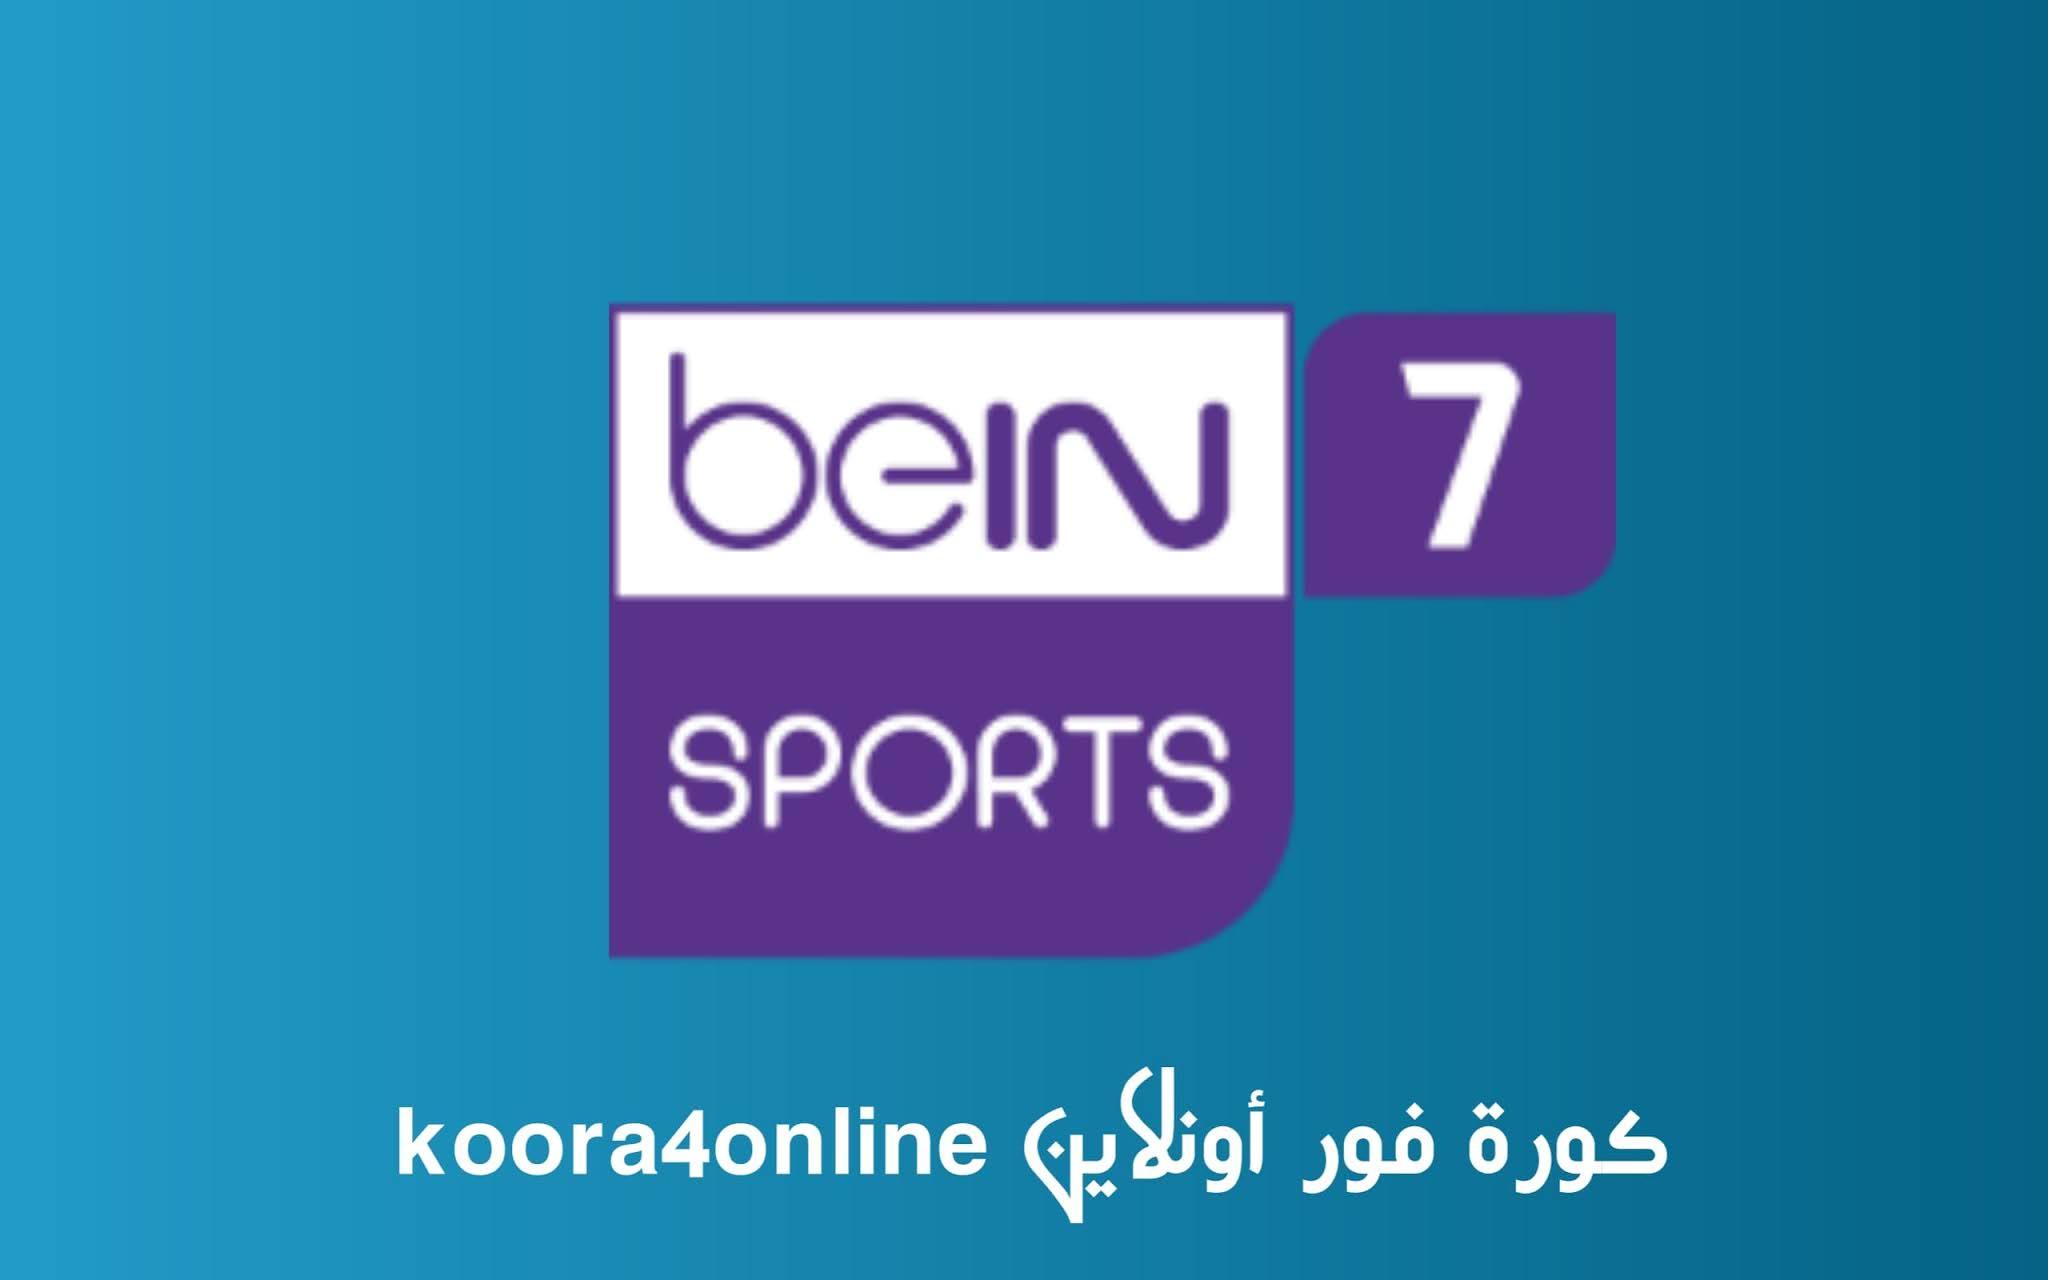 مشاهدة قناة بي إن سبورت لايف 7 - bein  sports 7hd - كورة فور أونلاين